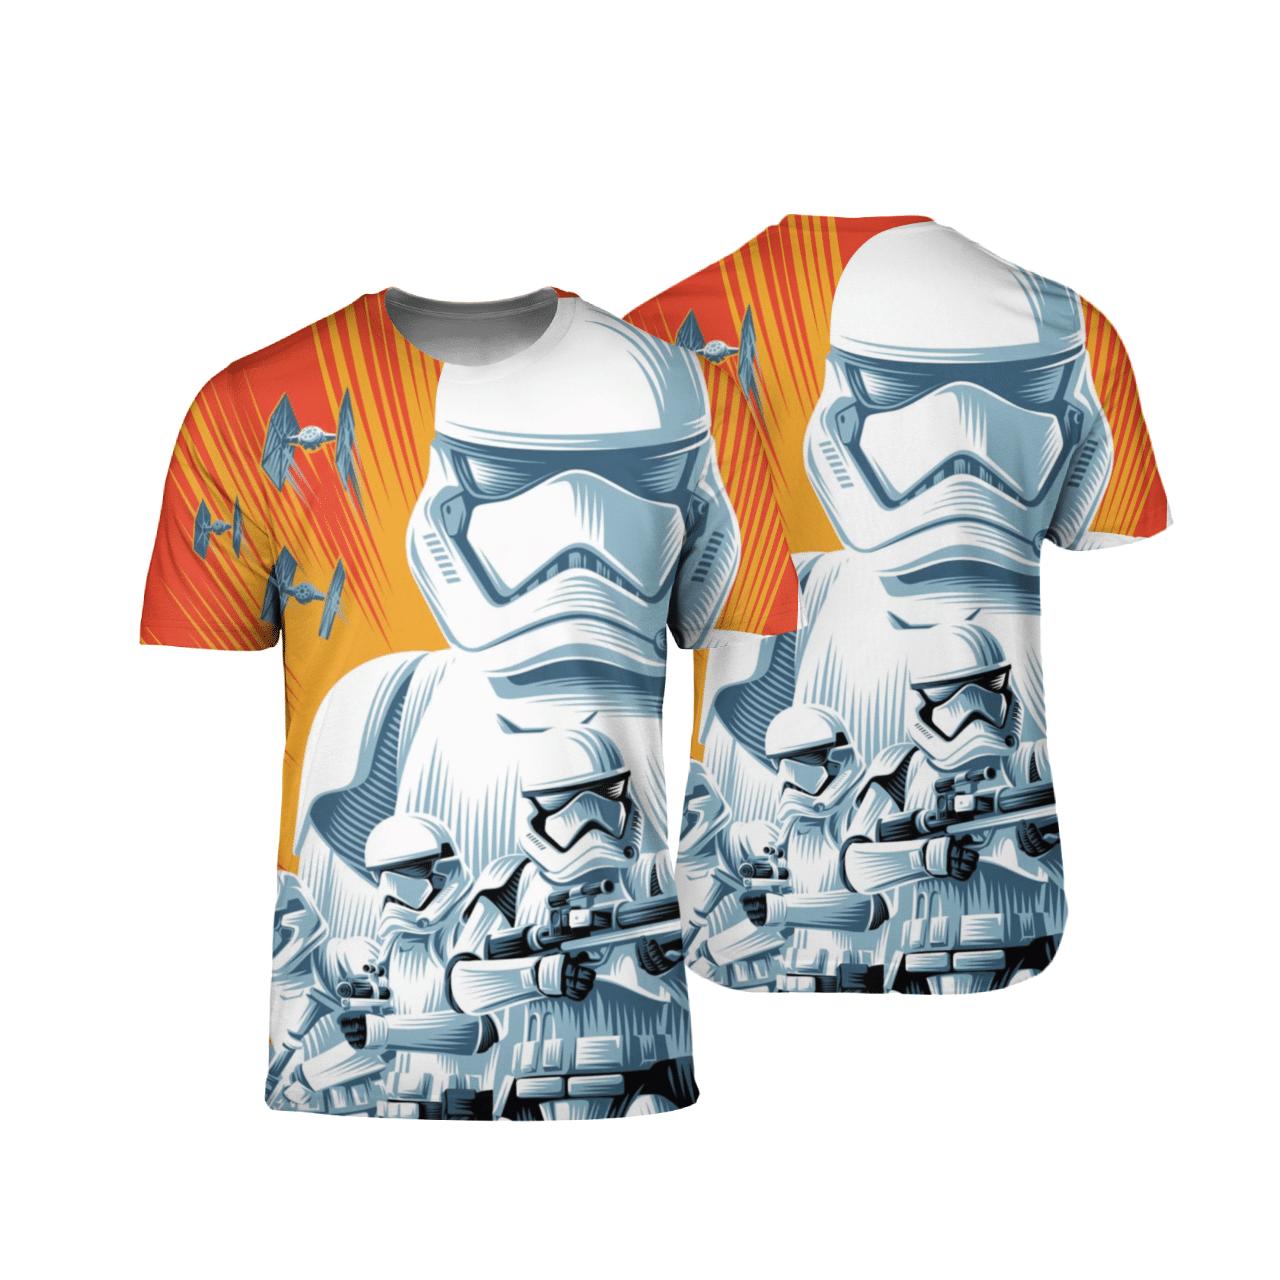 Stormtrooper 3D Print T-shirt